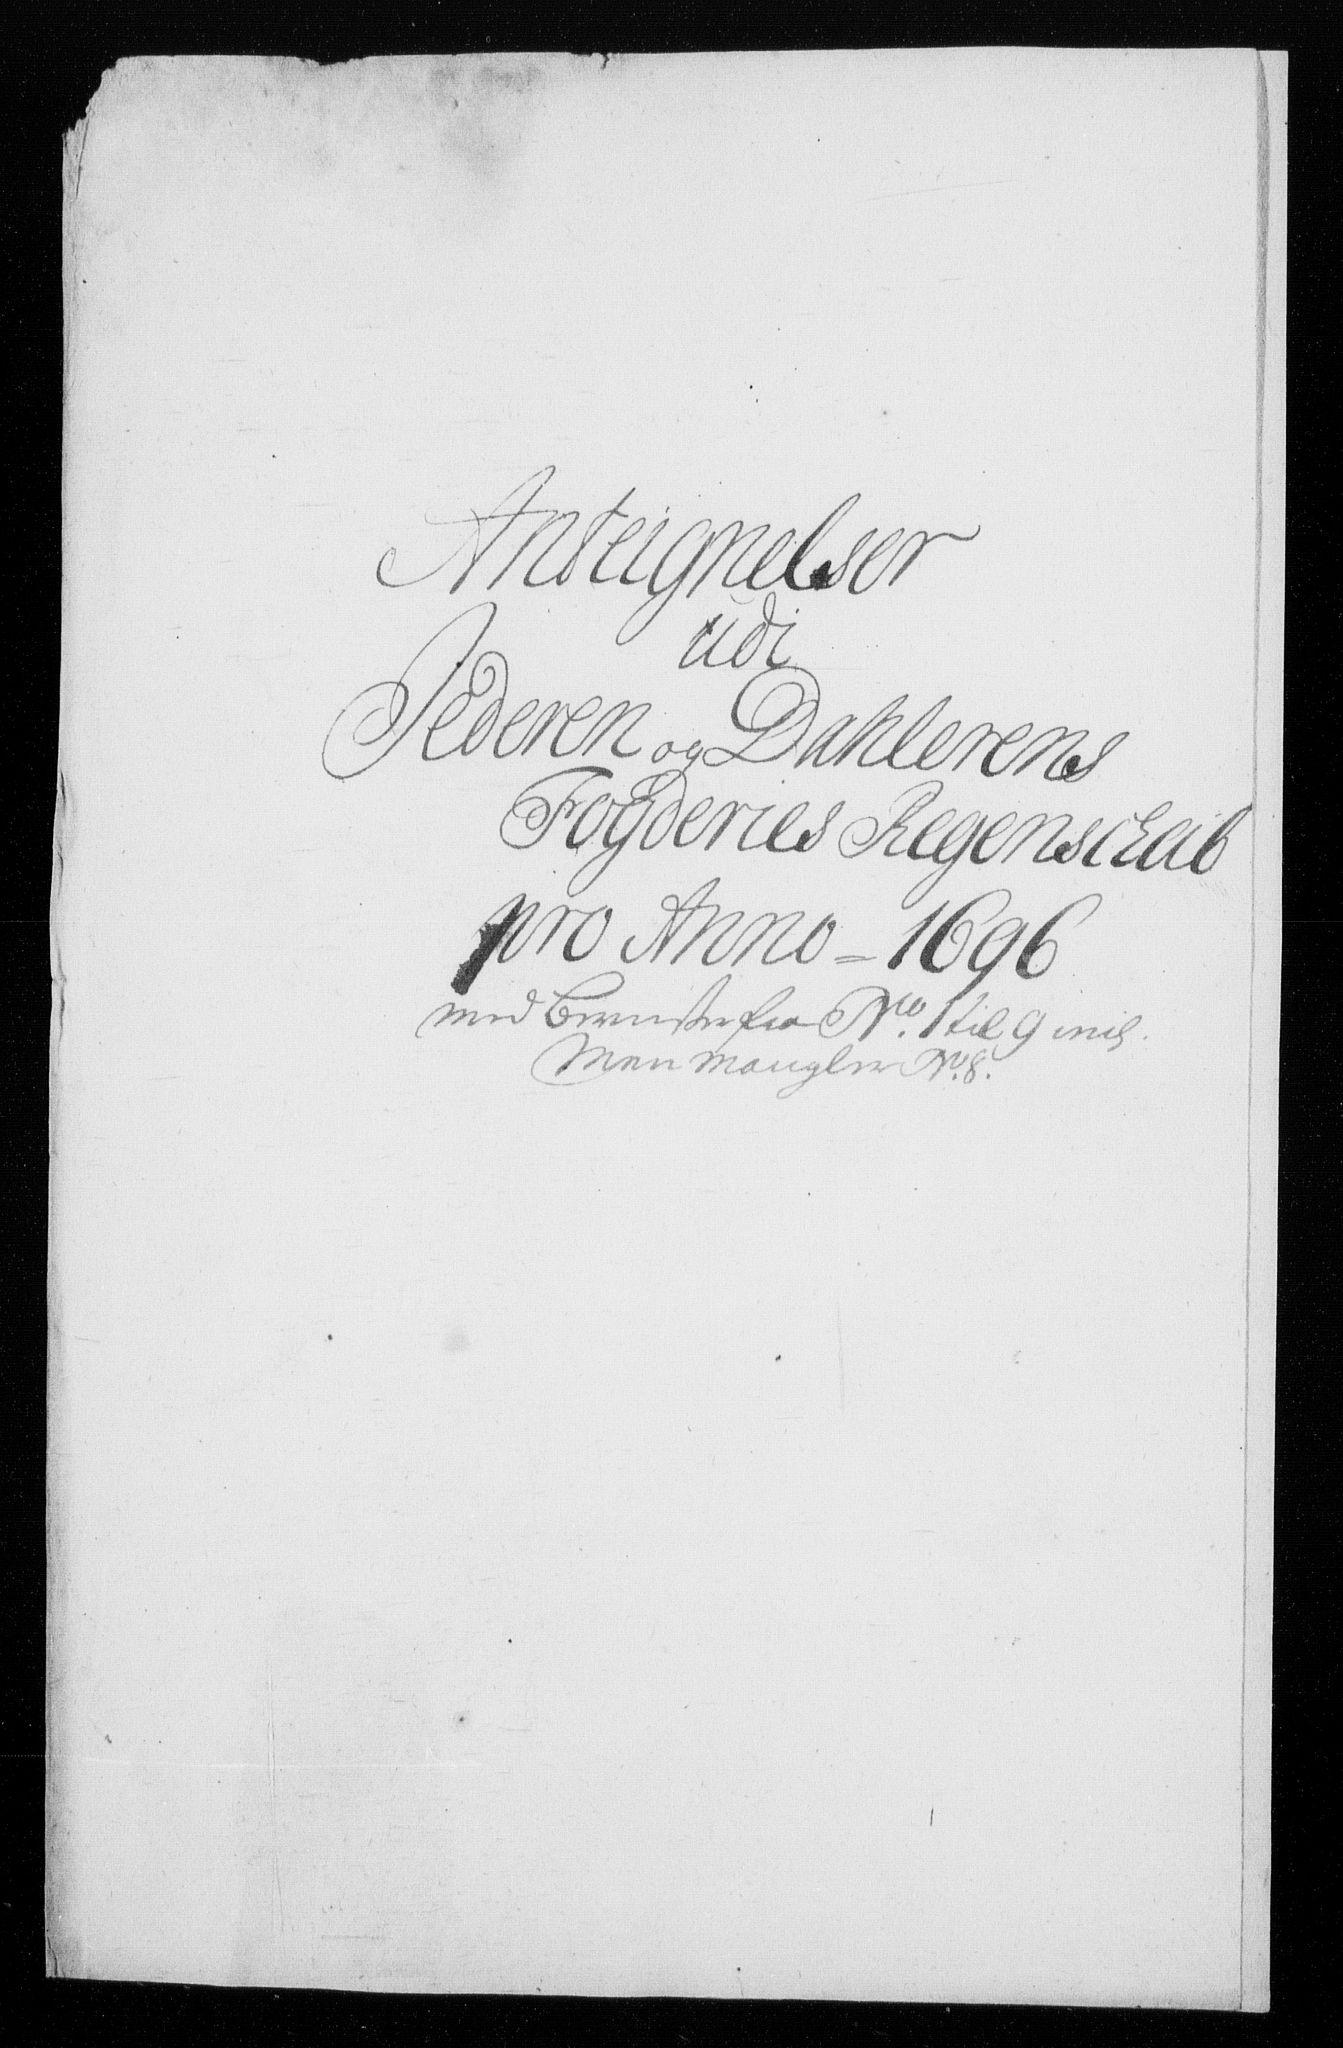 RA, Rentekammeret inntil 1814, Reviderte regnskaper, Fogderegnskap, R46/L2728: Fogderegnskap Jæren og Dalane, 1694-1696, s. 520